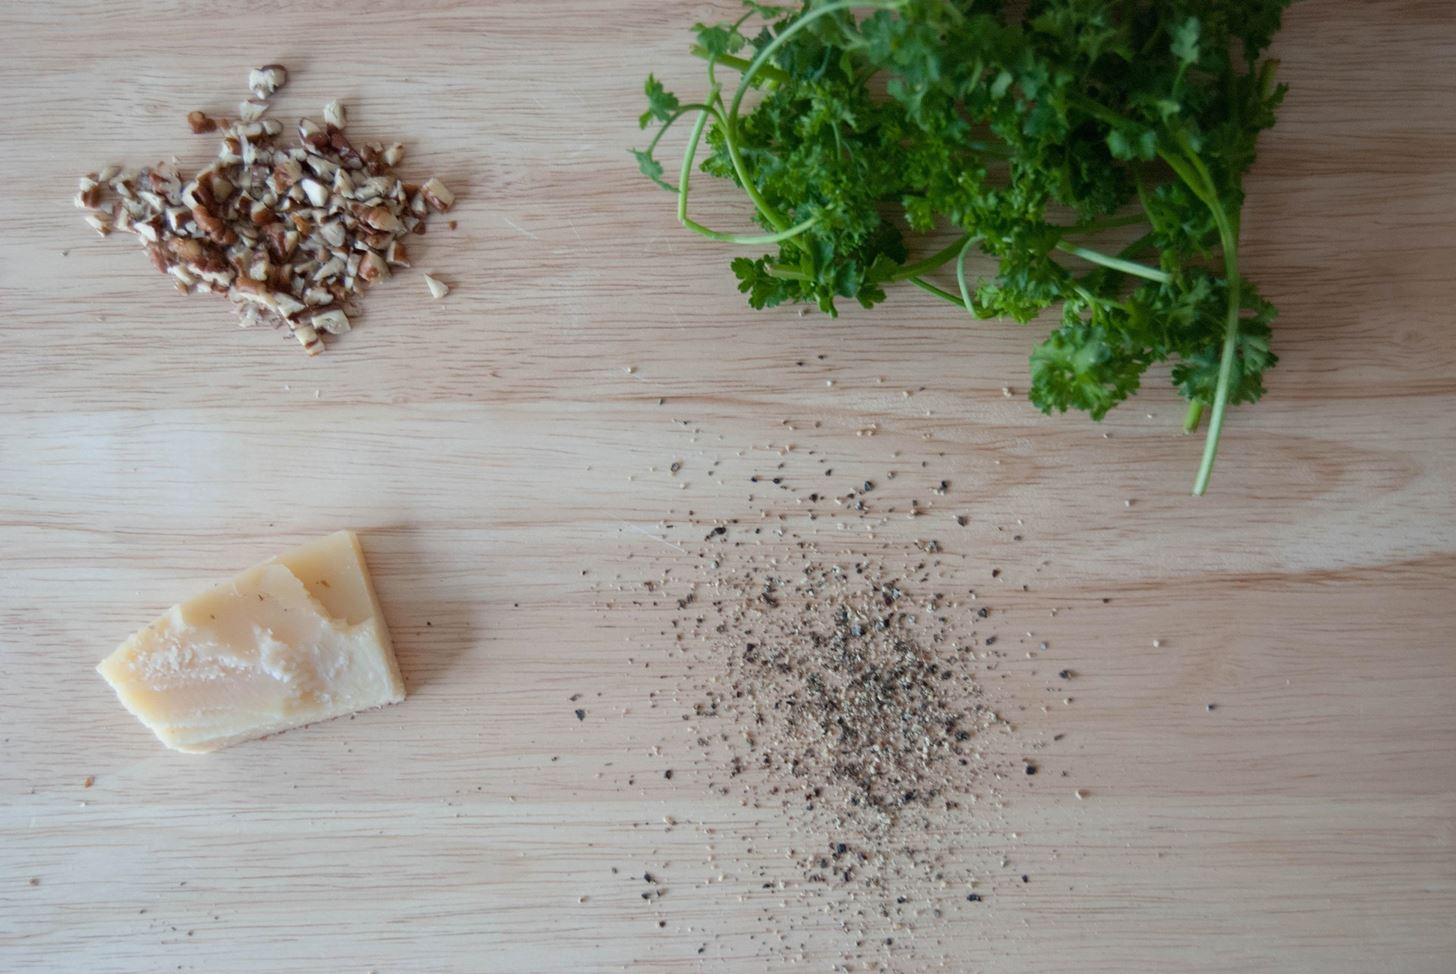 Make Gorgeous Drunken Pasta with This Key Ingredient